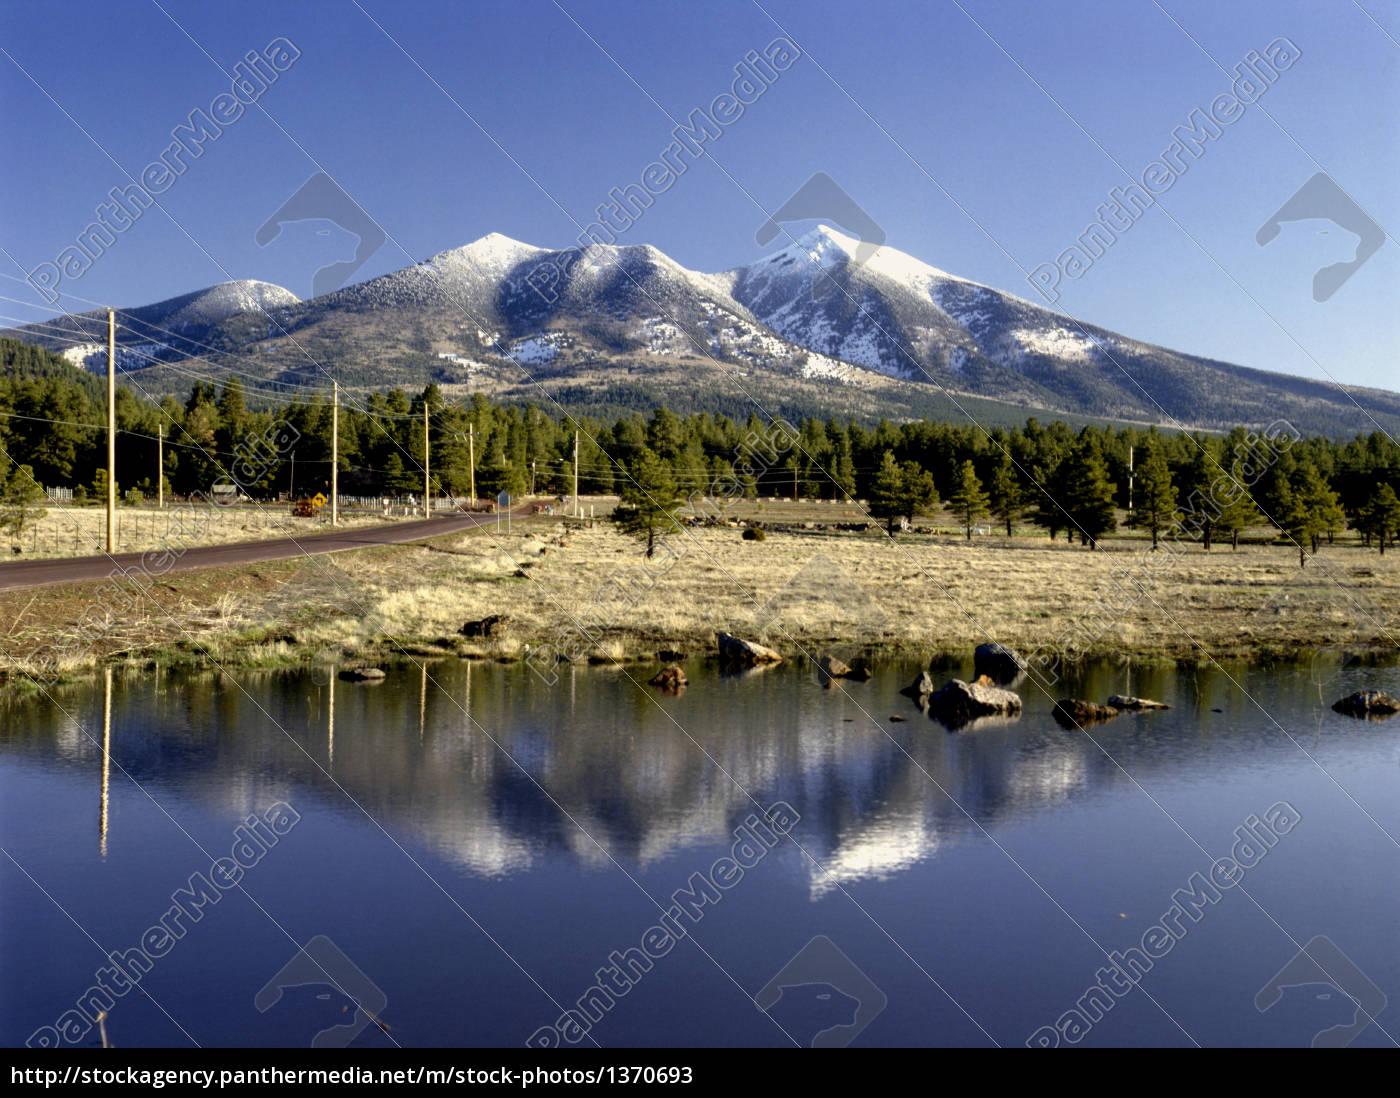 san, francisko, peaks, , arizona - 1370693